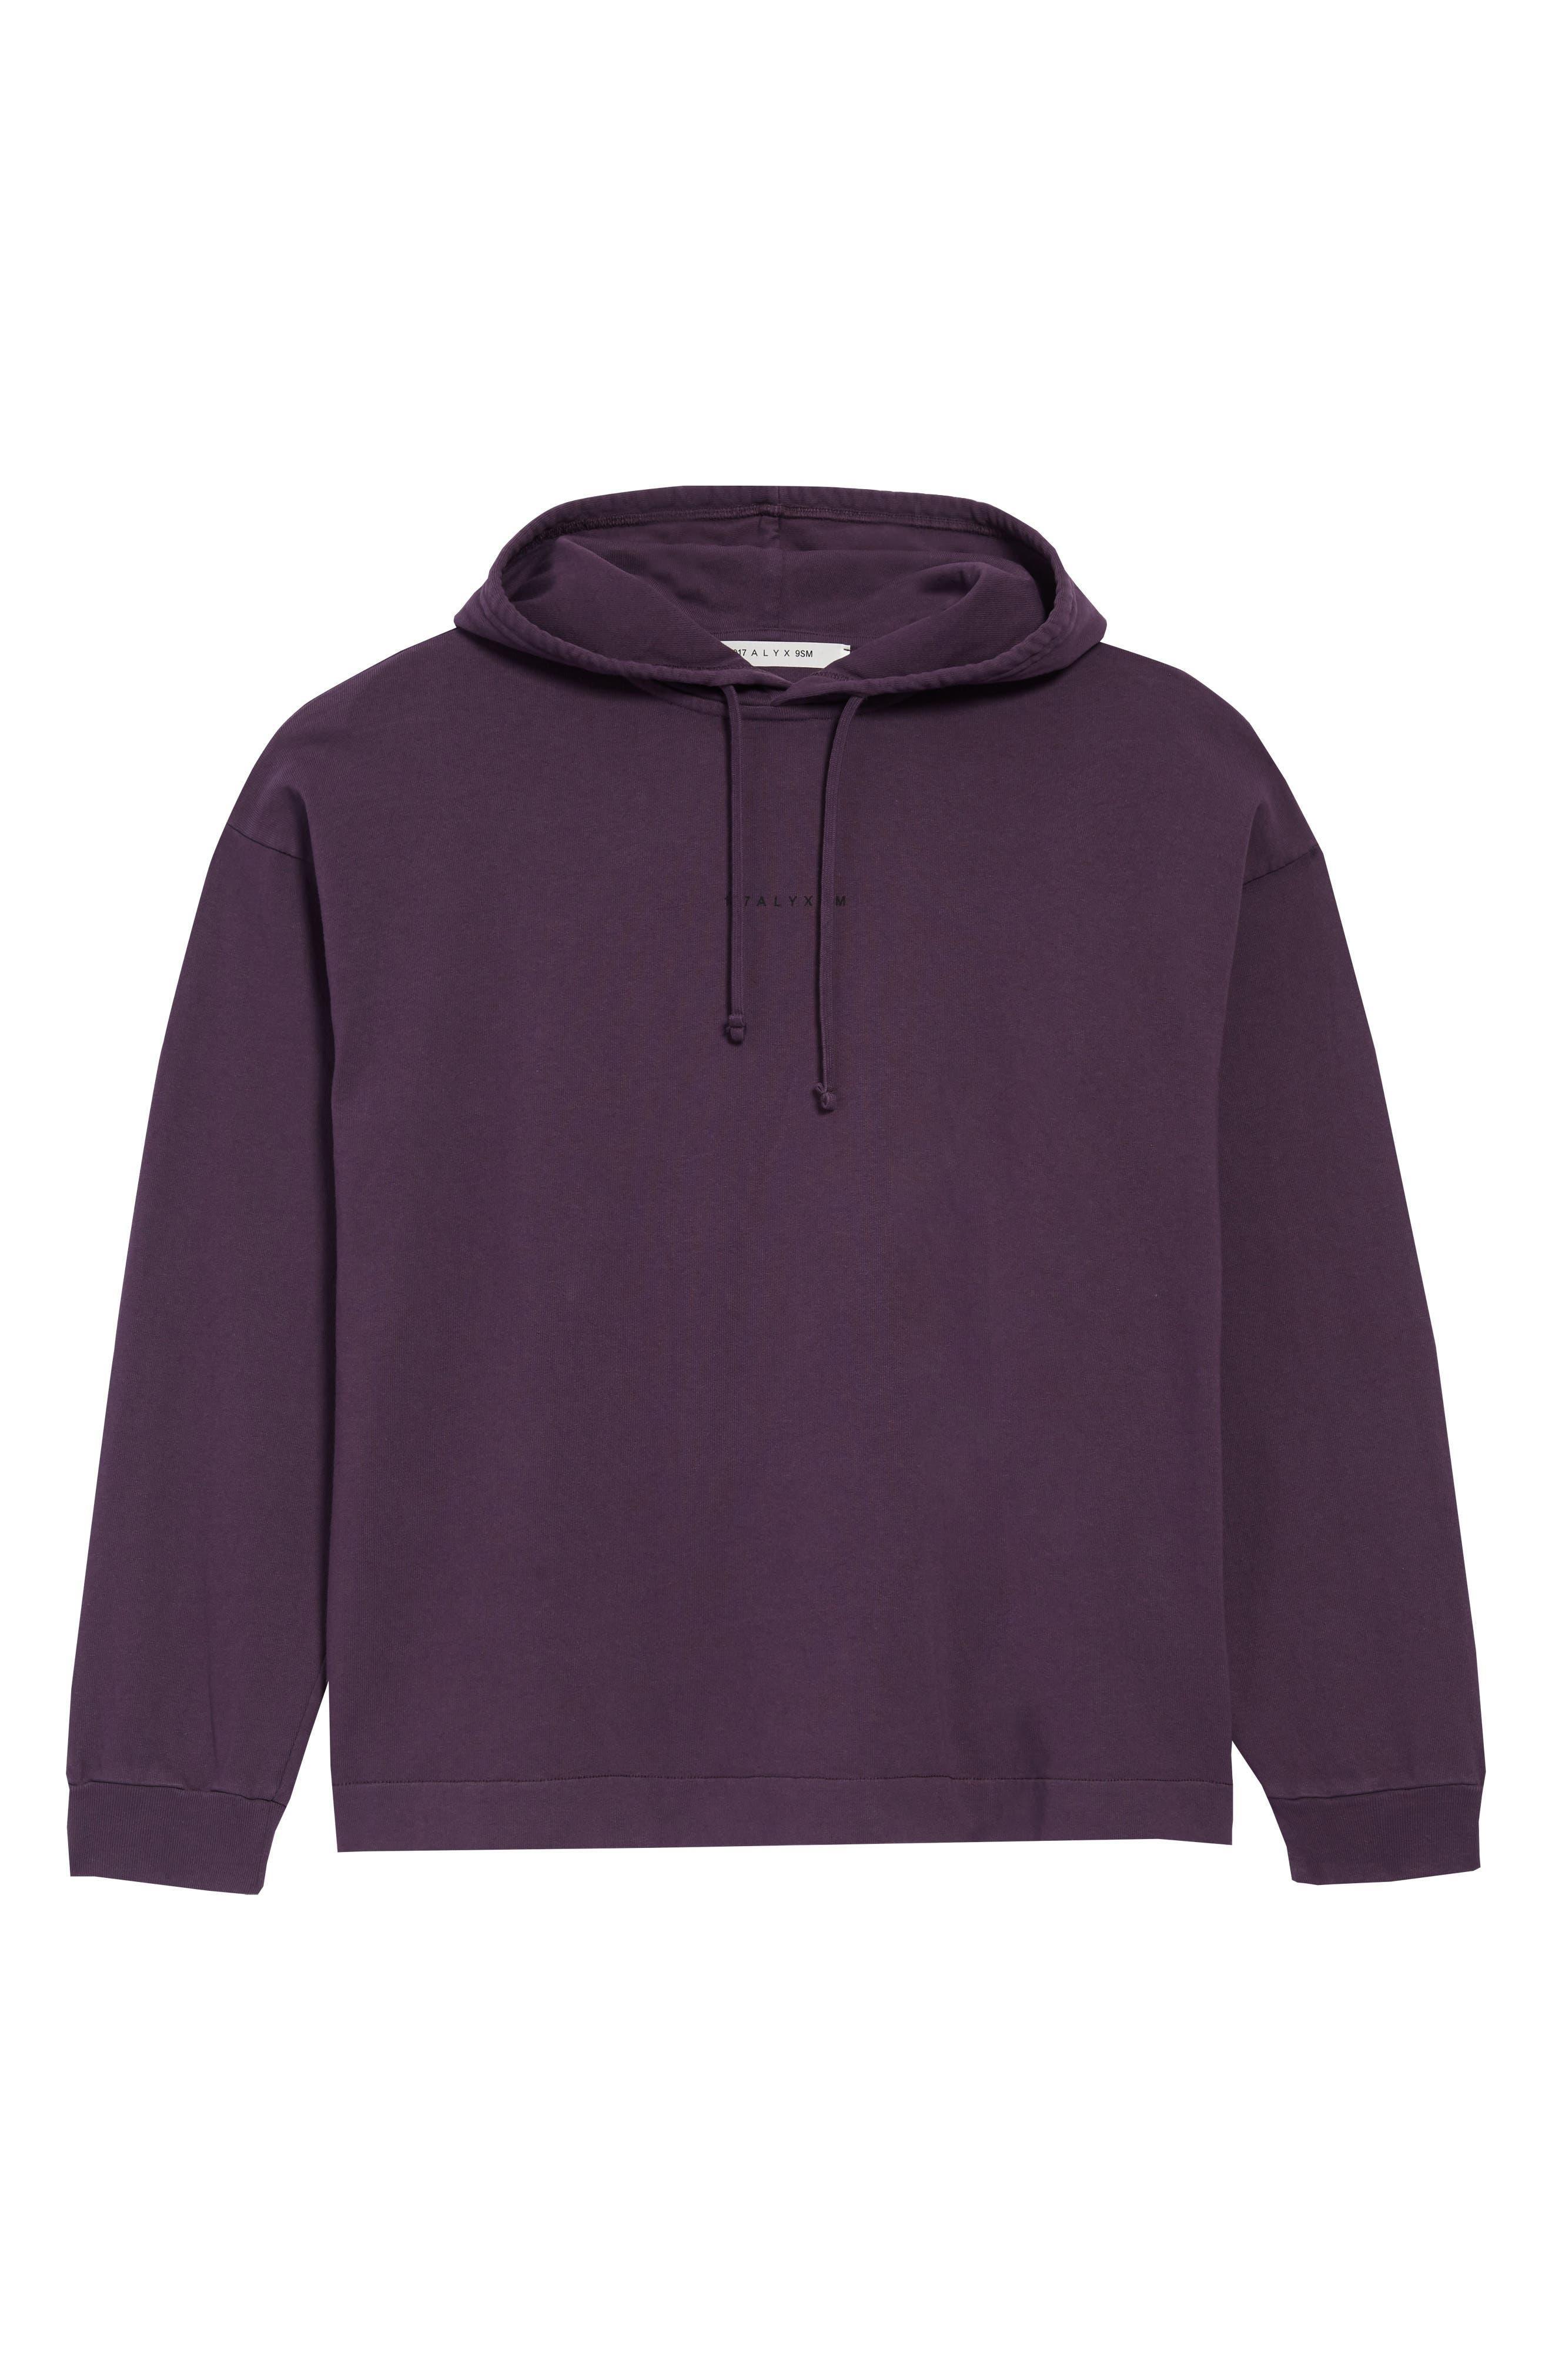 Violet Mist Hurley Women/'s High Tides Pullover Fleece Sweatshirt